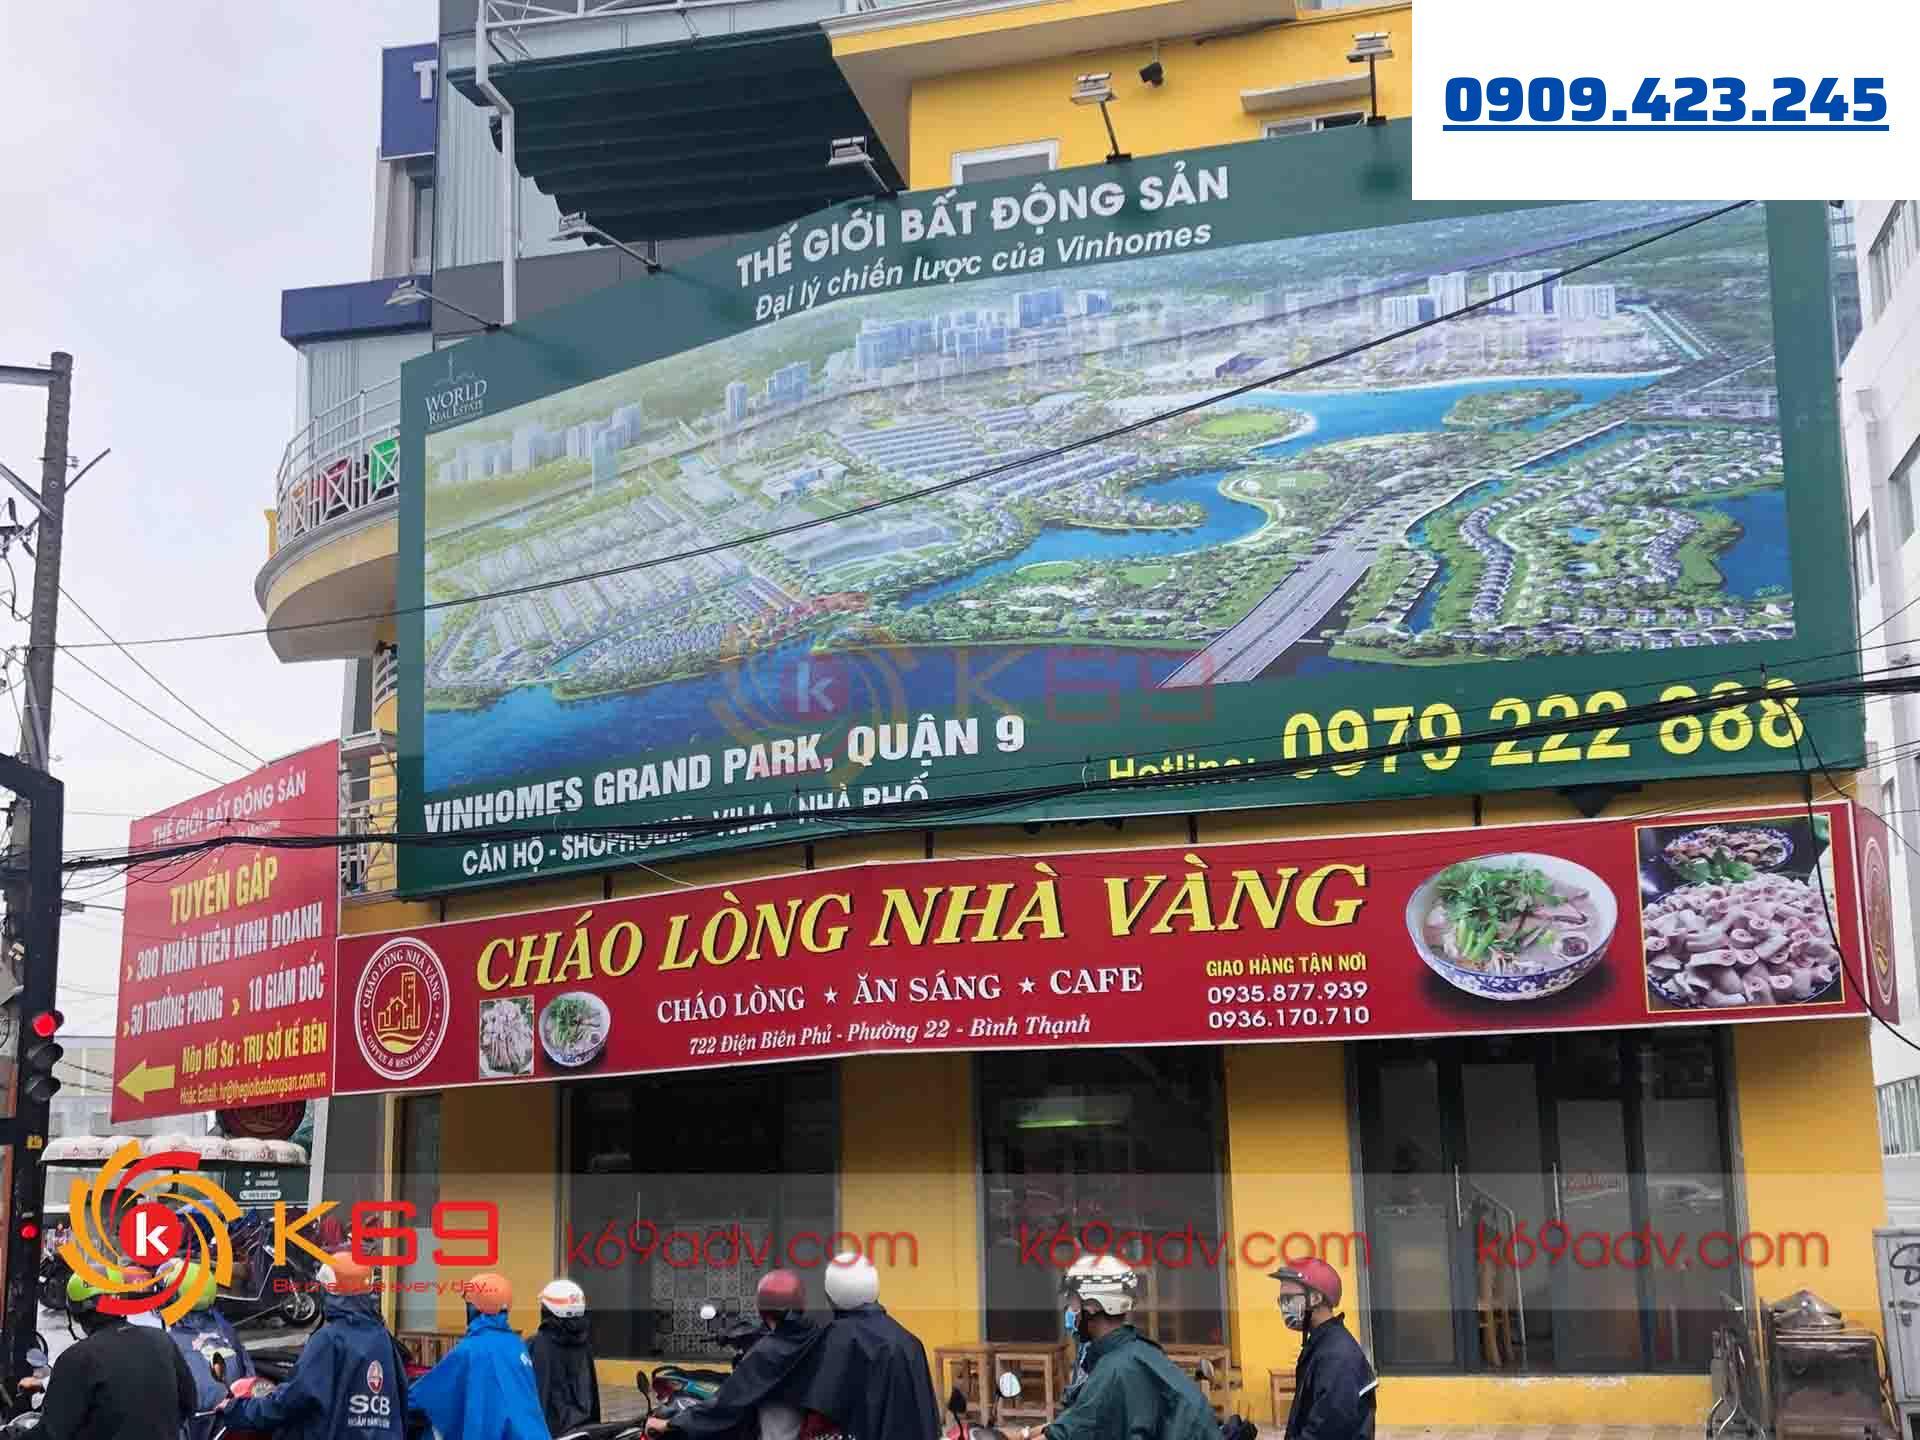 Tổng hợp các loại bảng hiệu quảng cáo phố biến trên thị trường của K69ADV